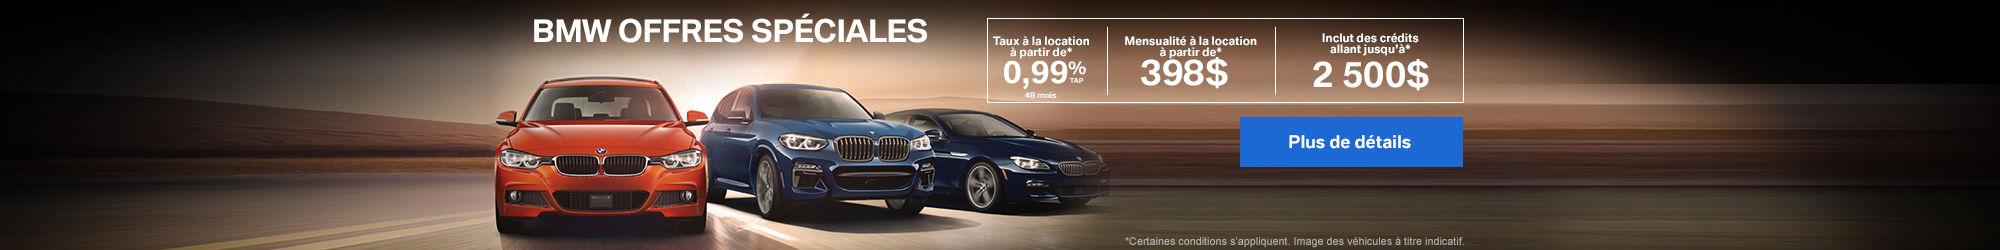 L'événement BMW